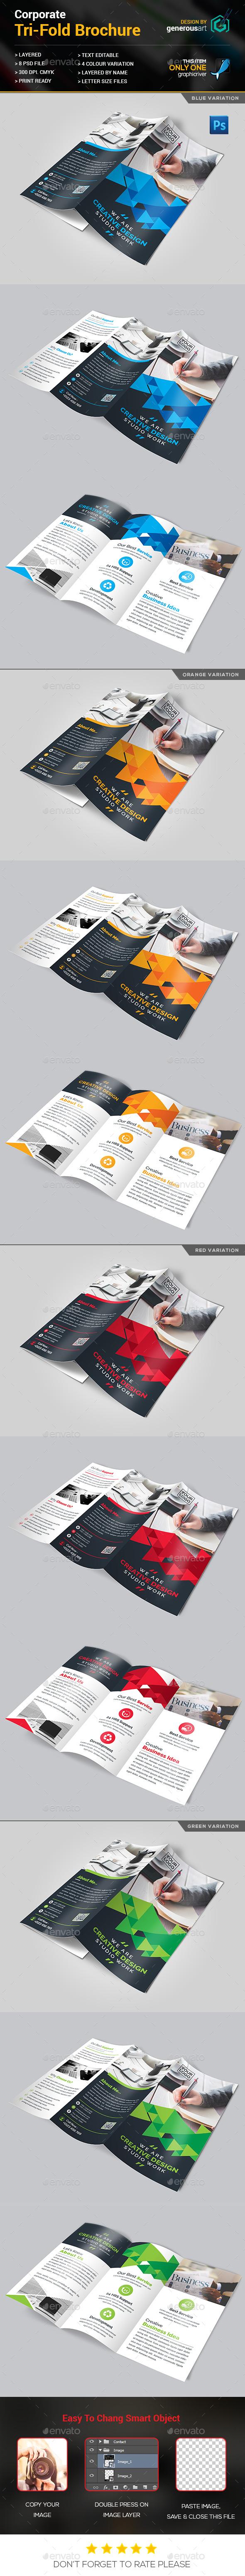 Tri-Fold Brochure Design - Corporate Brochures